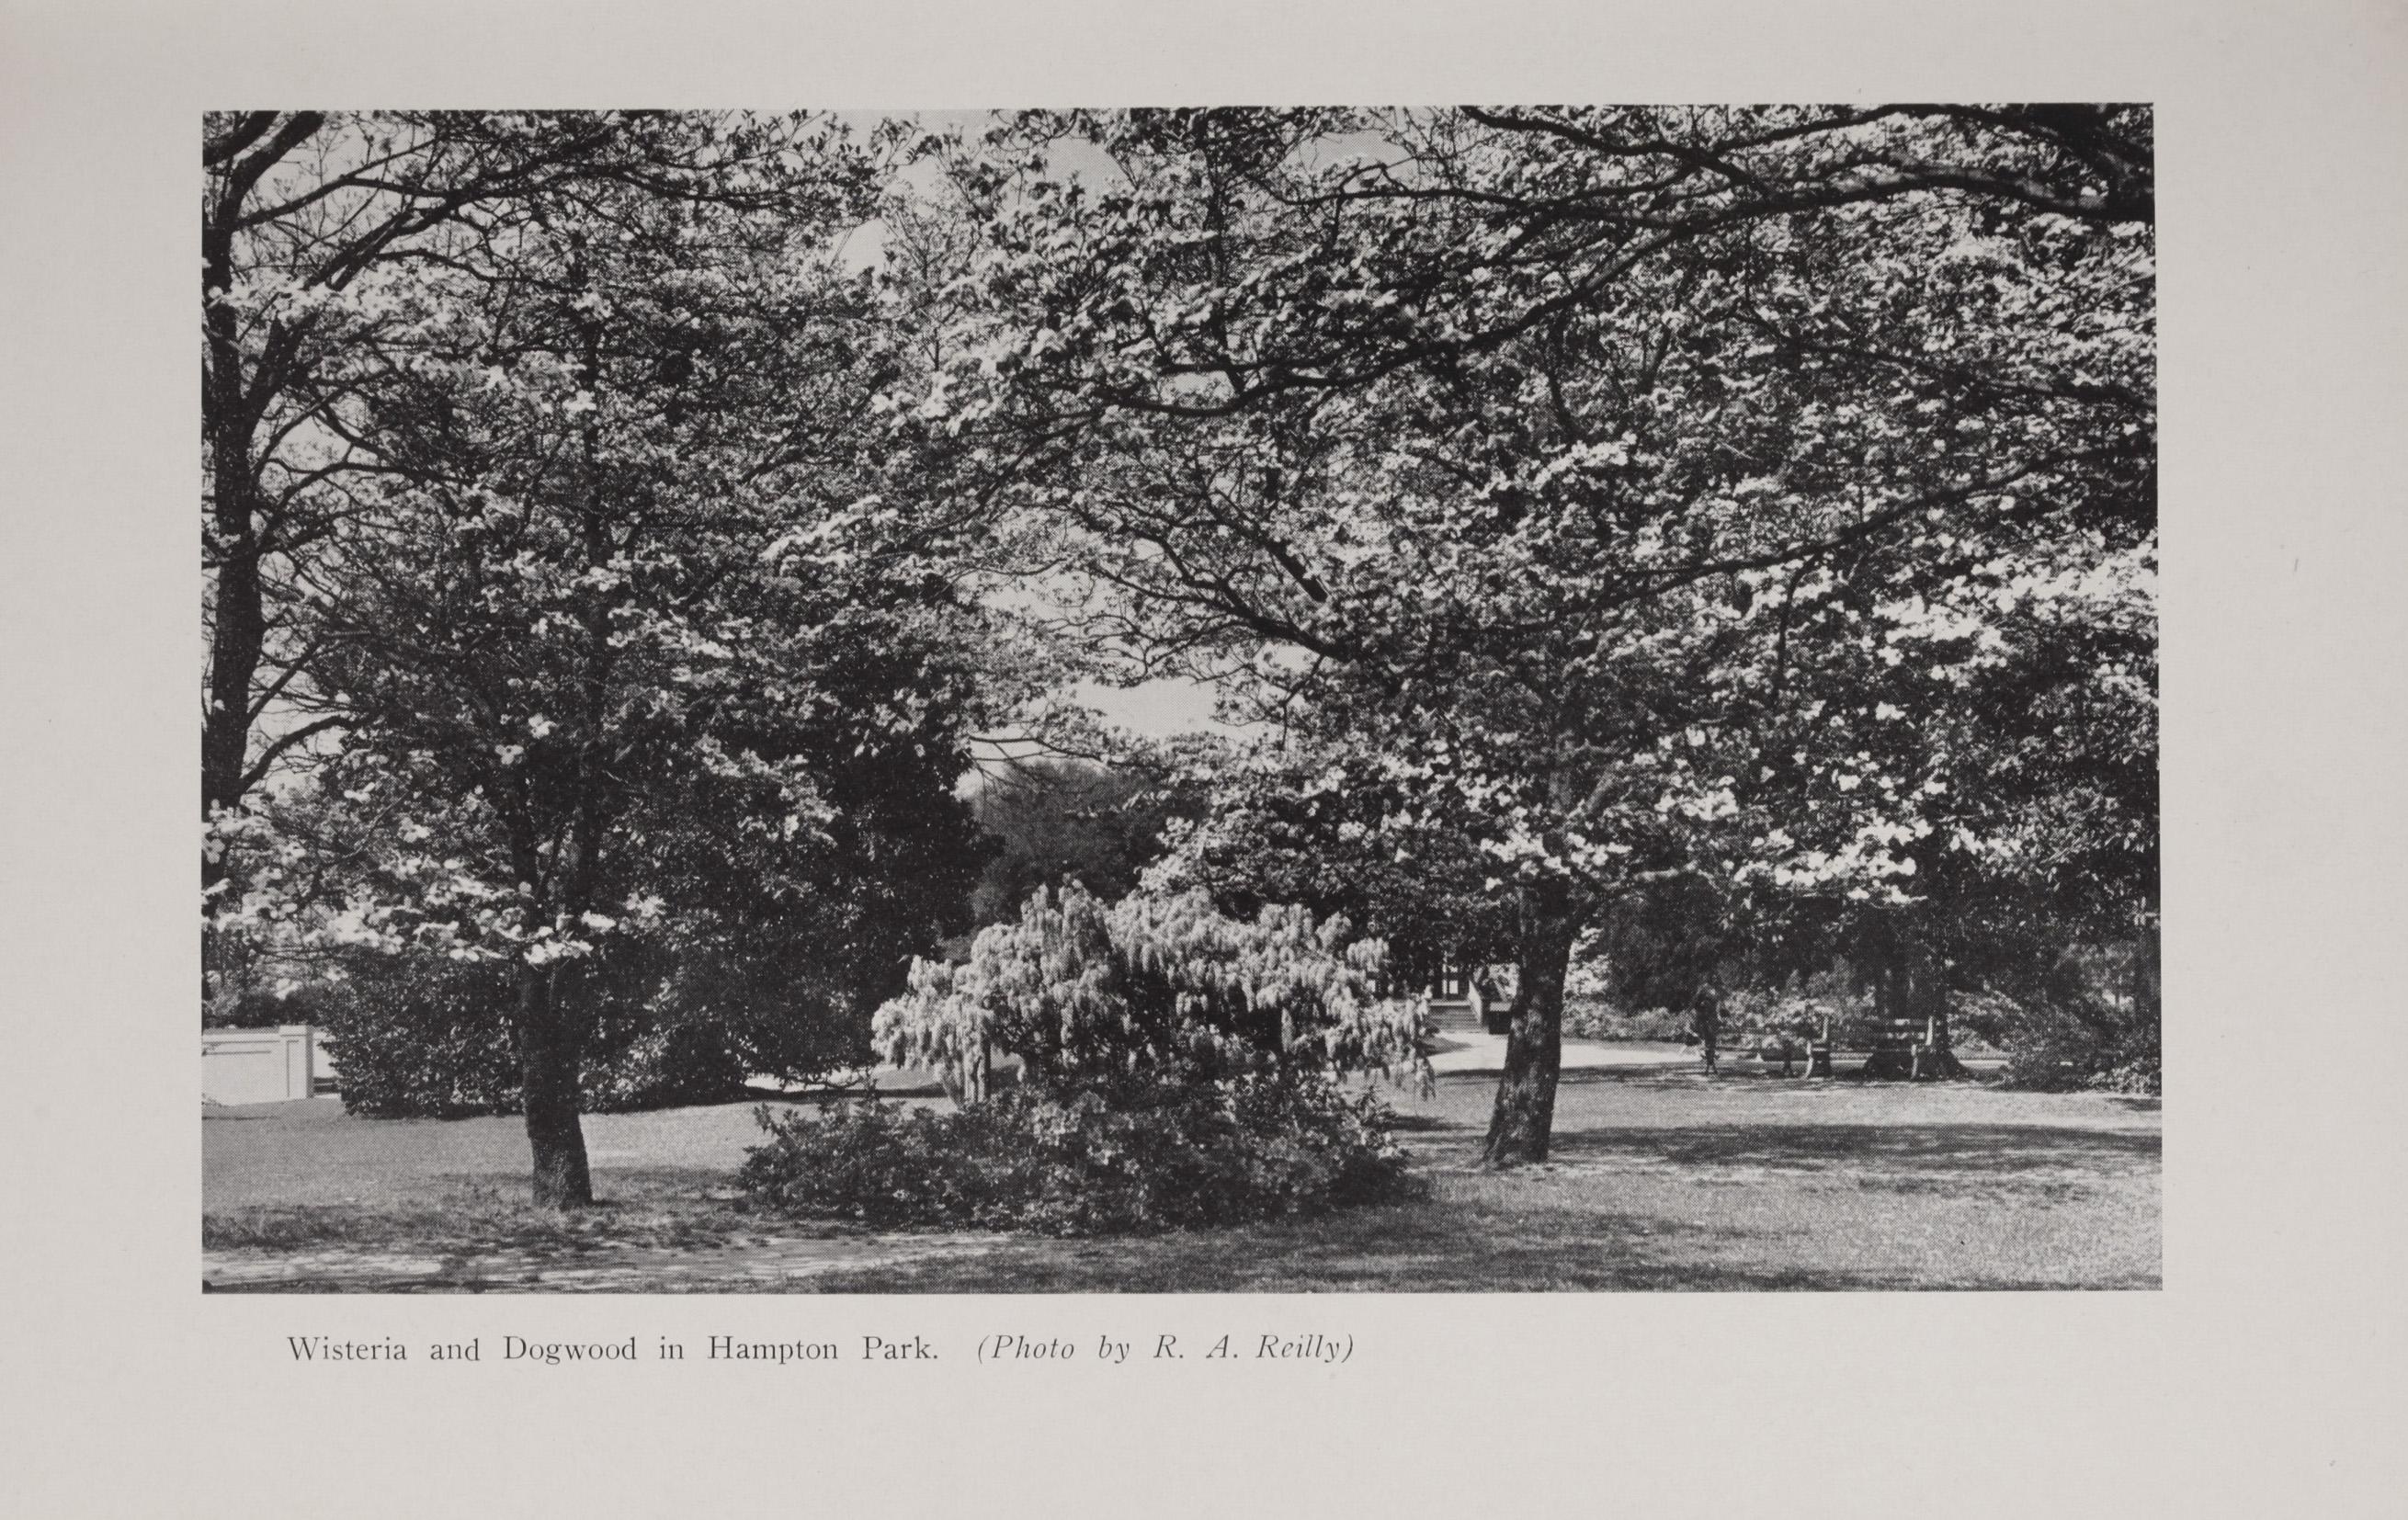 Charleston Yearbook, 1940, photograph